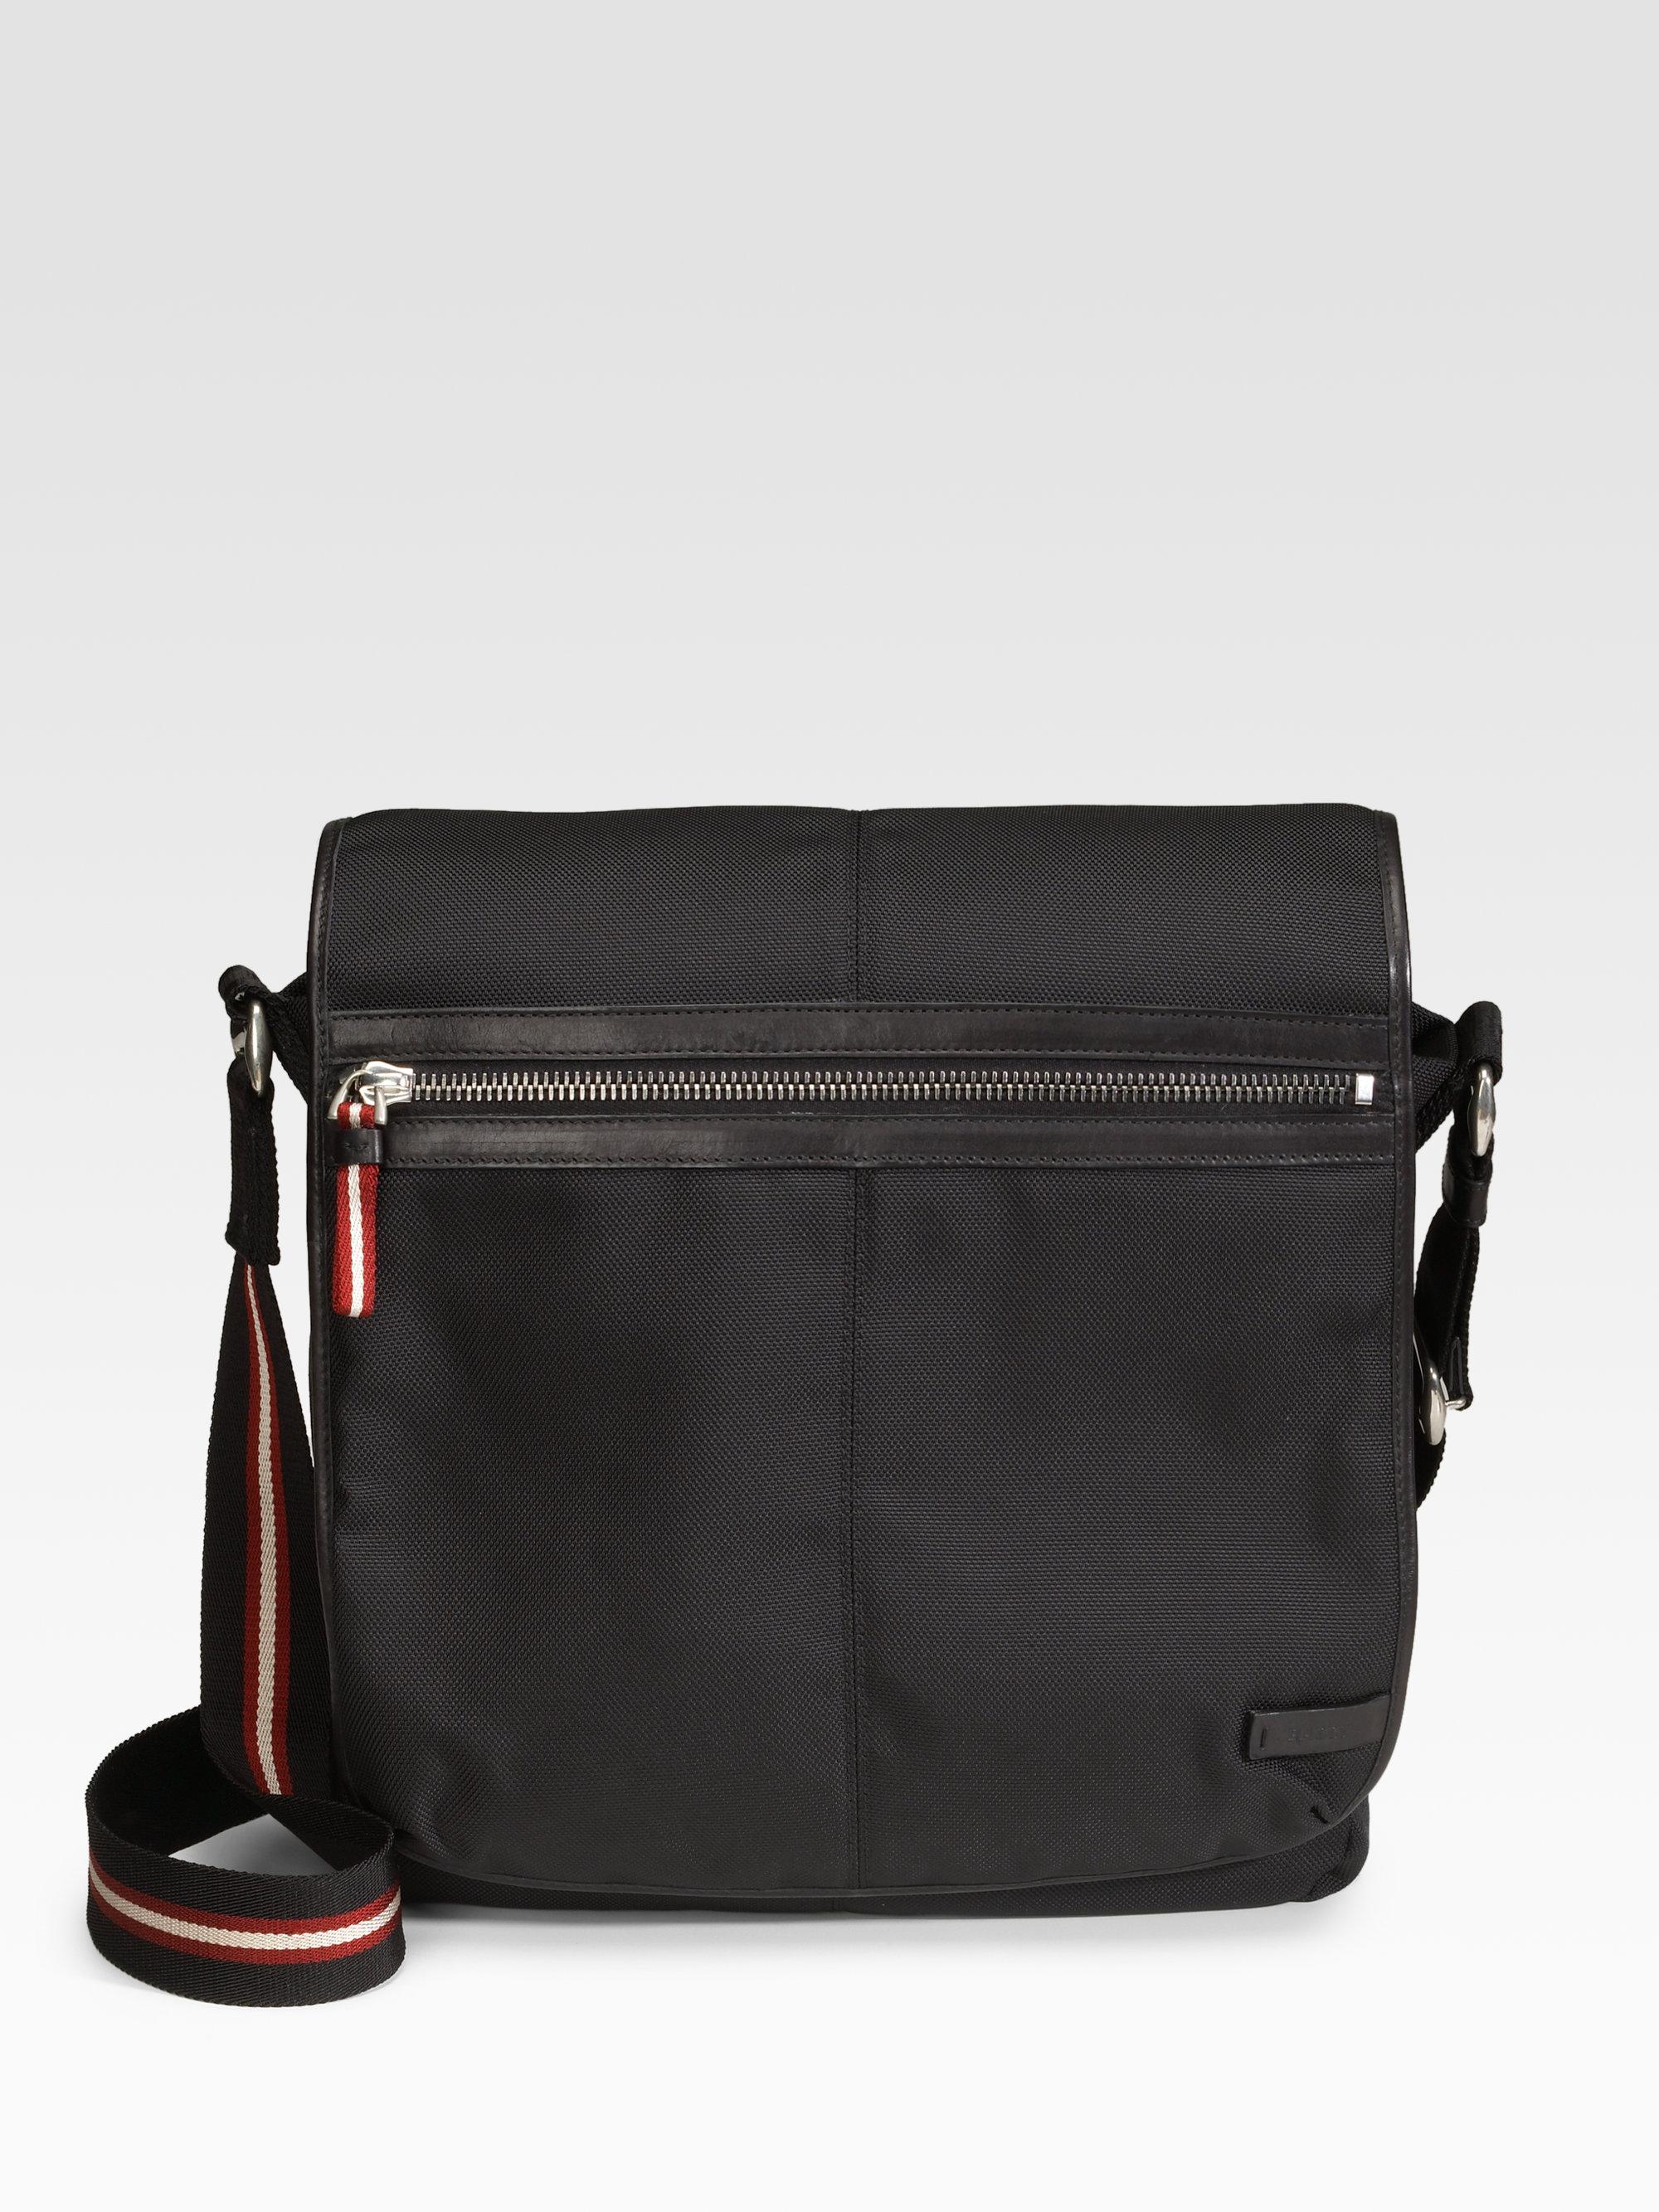 Bally Nylon Messenger Bag In Black For Men Lyst